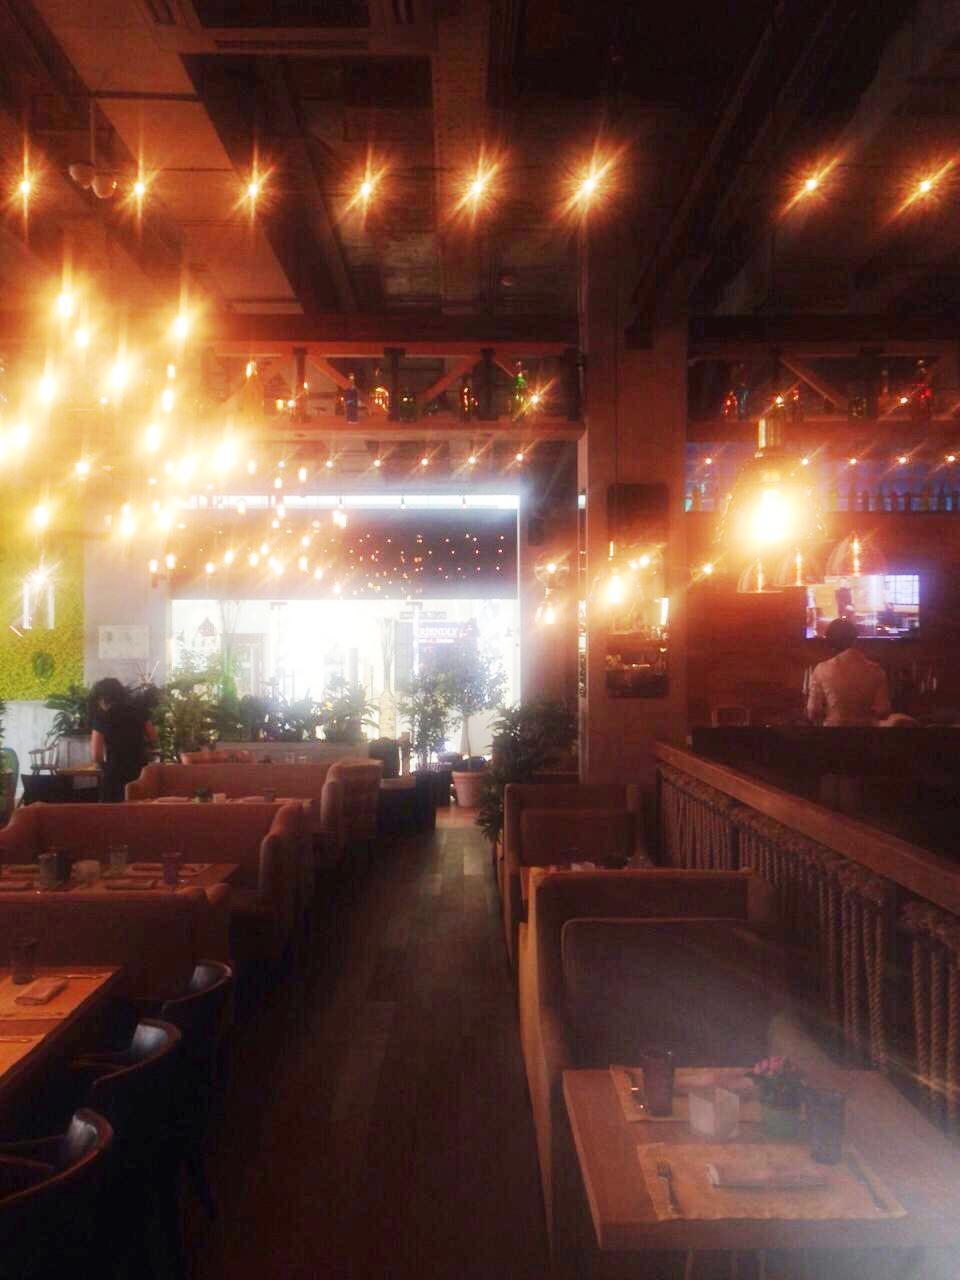 Ресторан Кин Дза Дза на Мичуринском проспекте (Кинза-Дза) фото 35